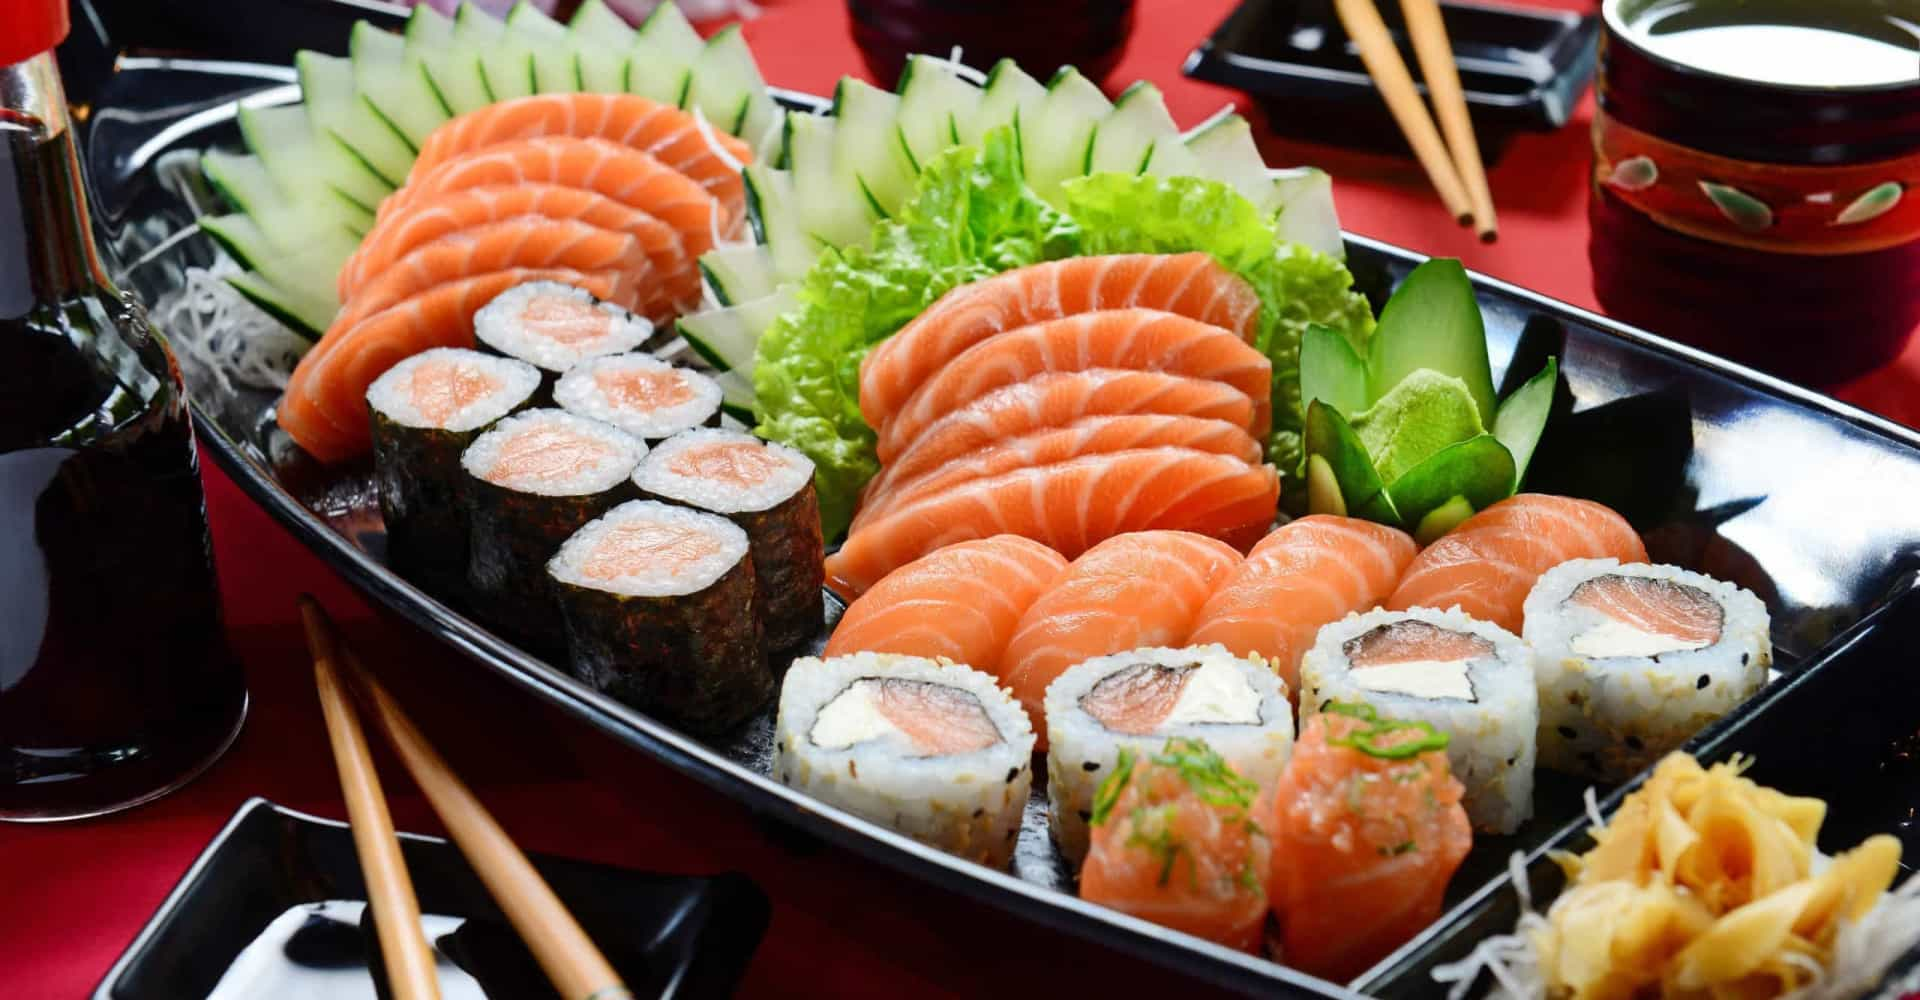 Cucina giapponese: molto più che sushi